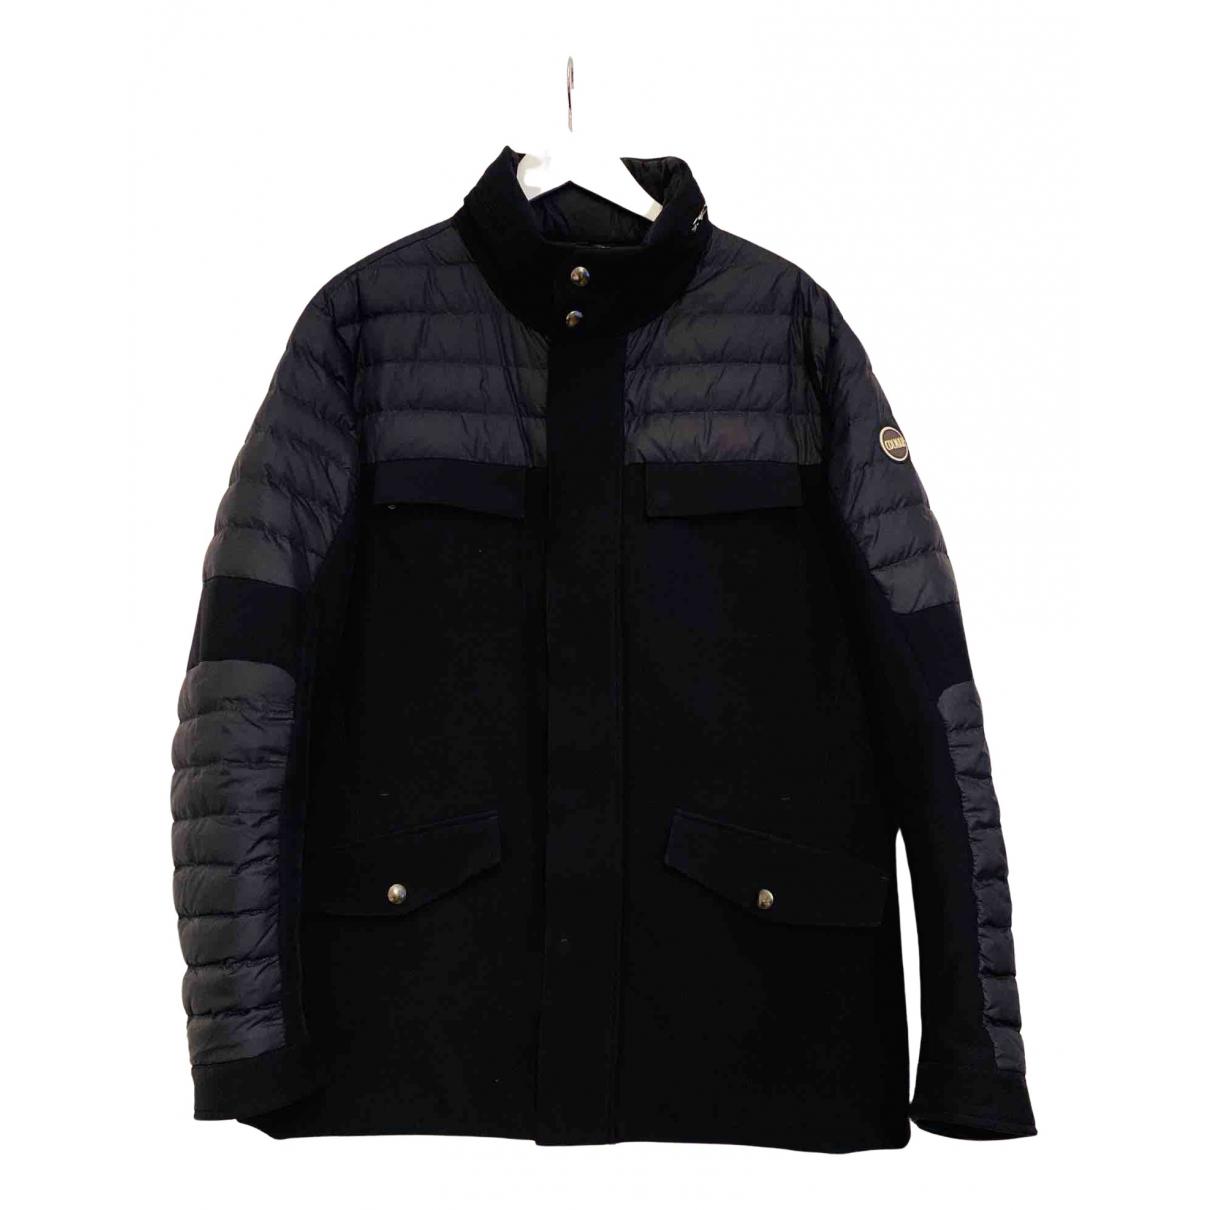 Colmar - Manteau   pour homme - marine